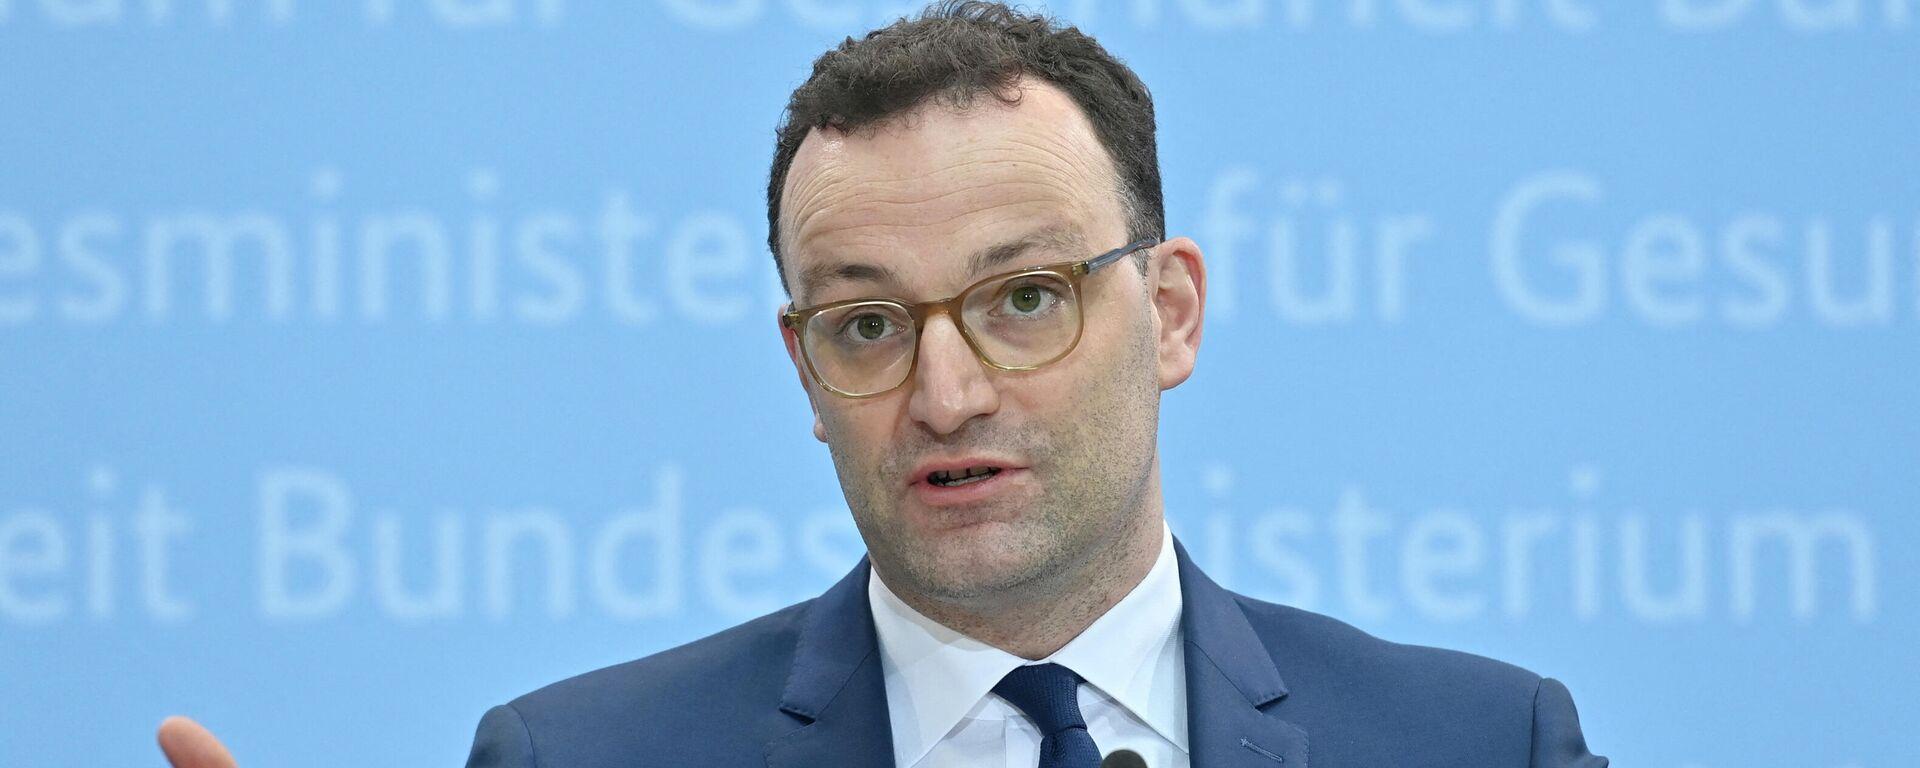 AstraZeneca-Impfstoff in Deutschland ausgesetzt: Gesundheitsminister Jens Spahn weist bei einem Briefing auf sieben Thrombosefälle hin. Berlin, 15. März 2021 - SNA, 1920, 15.03.2021